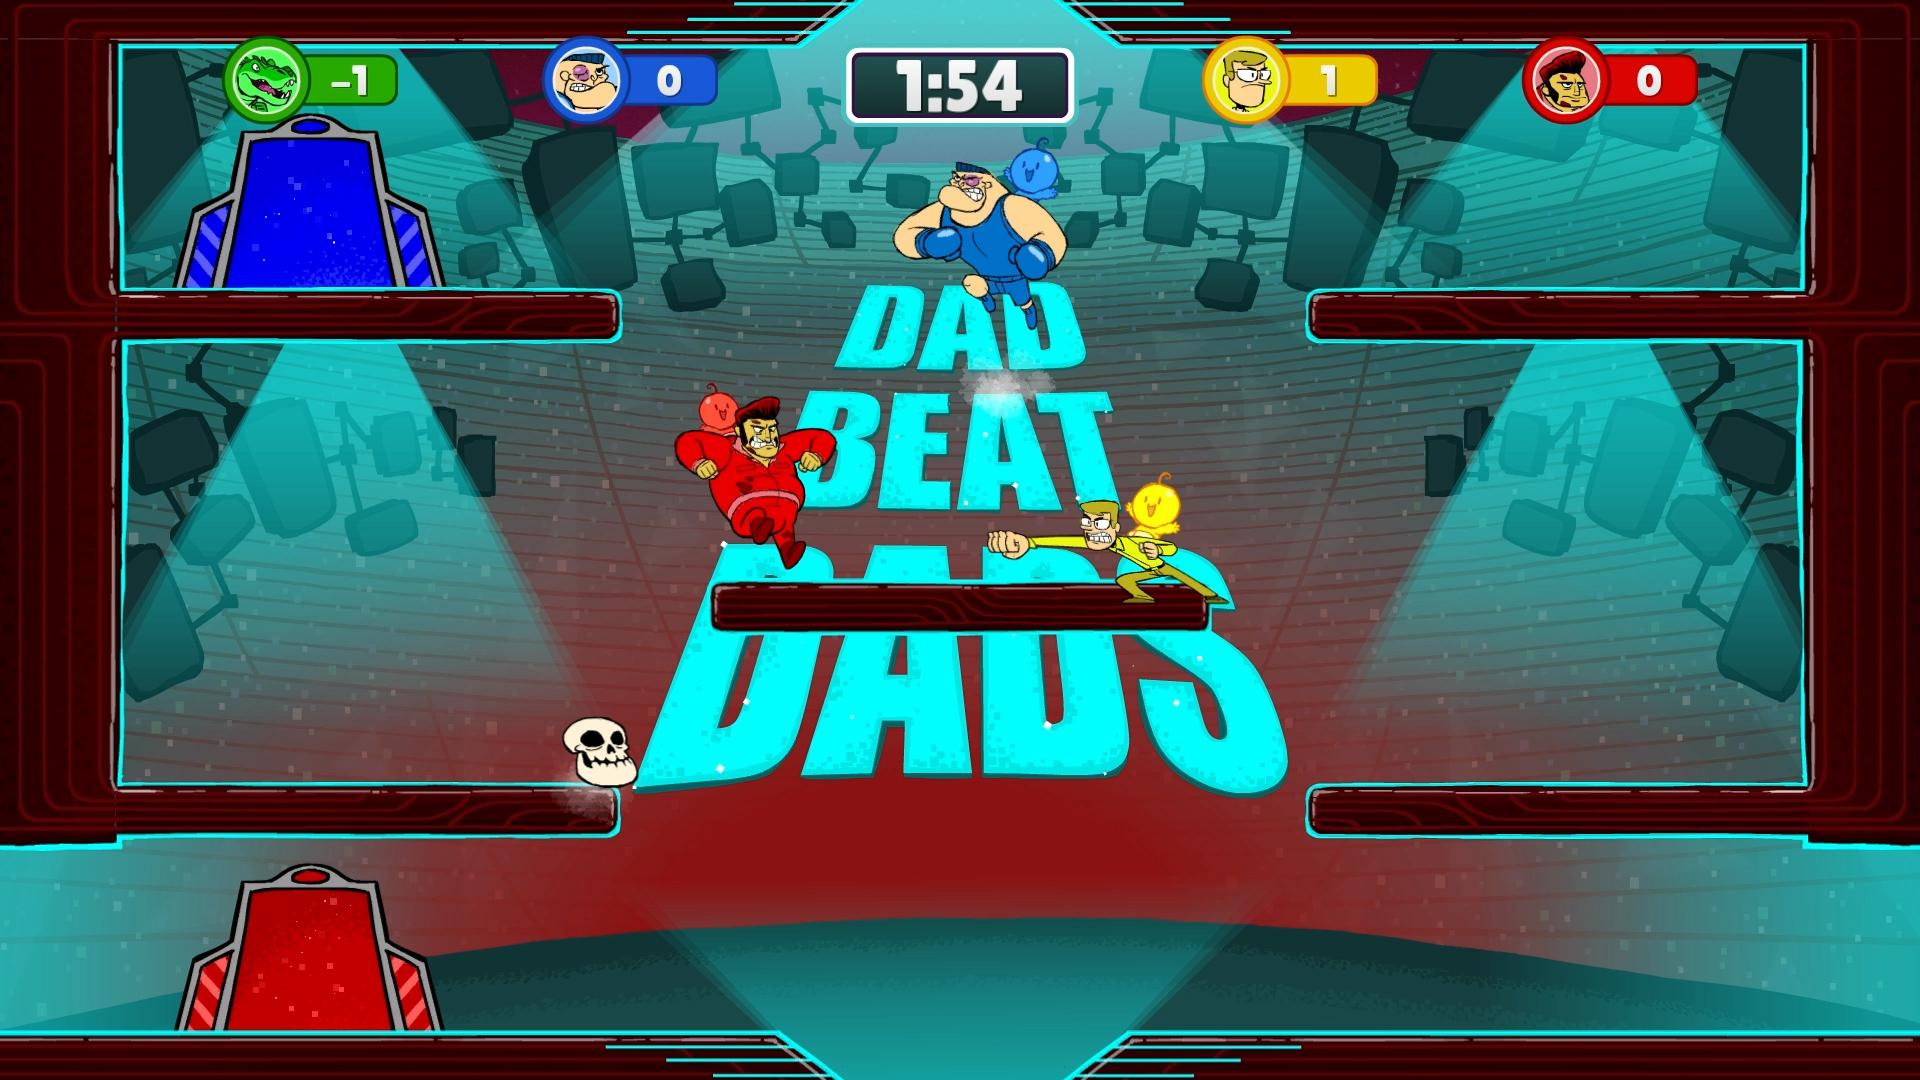 dad_beat_dads pn n